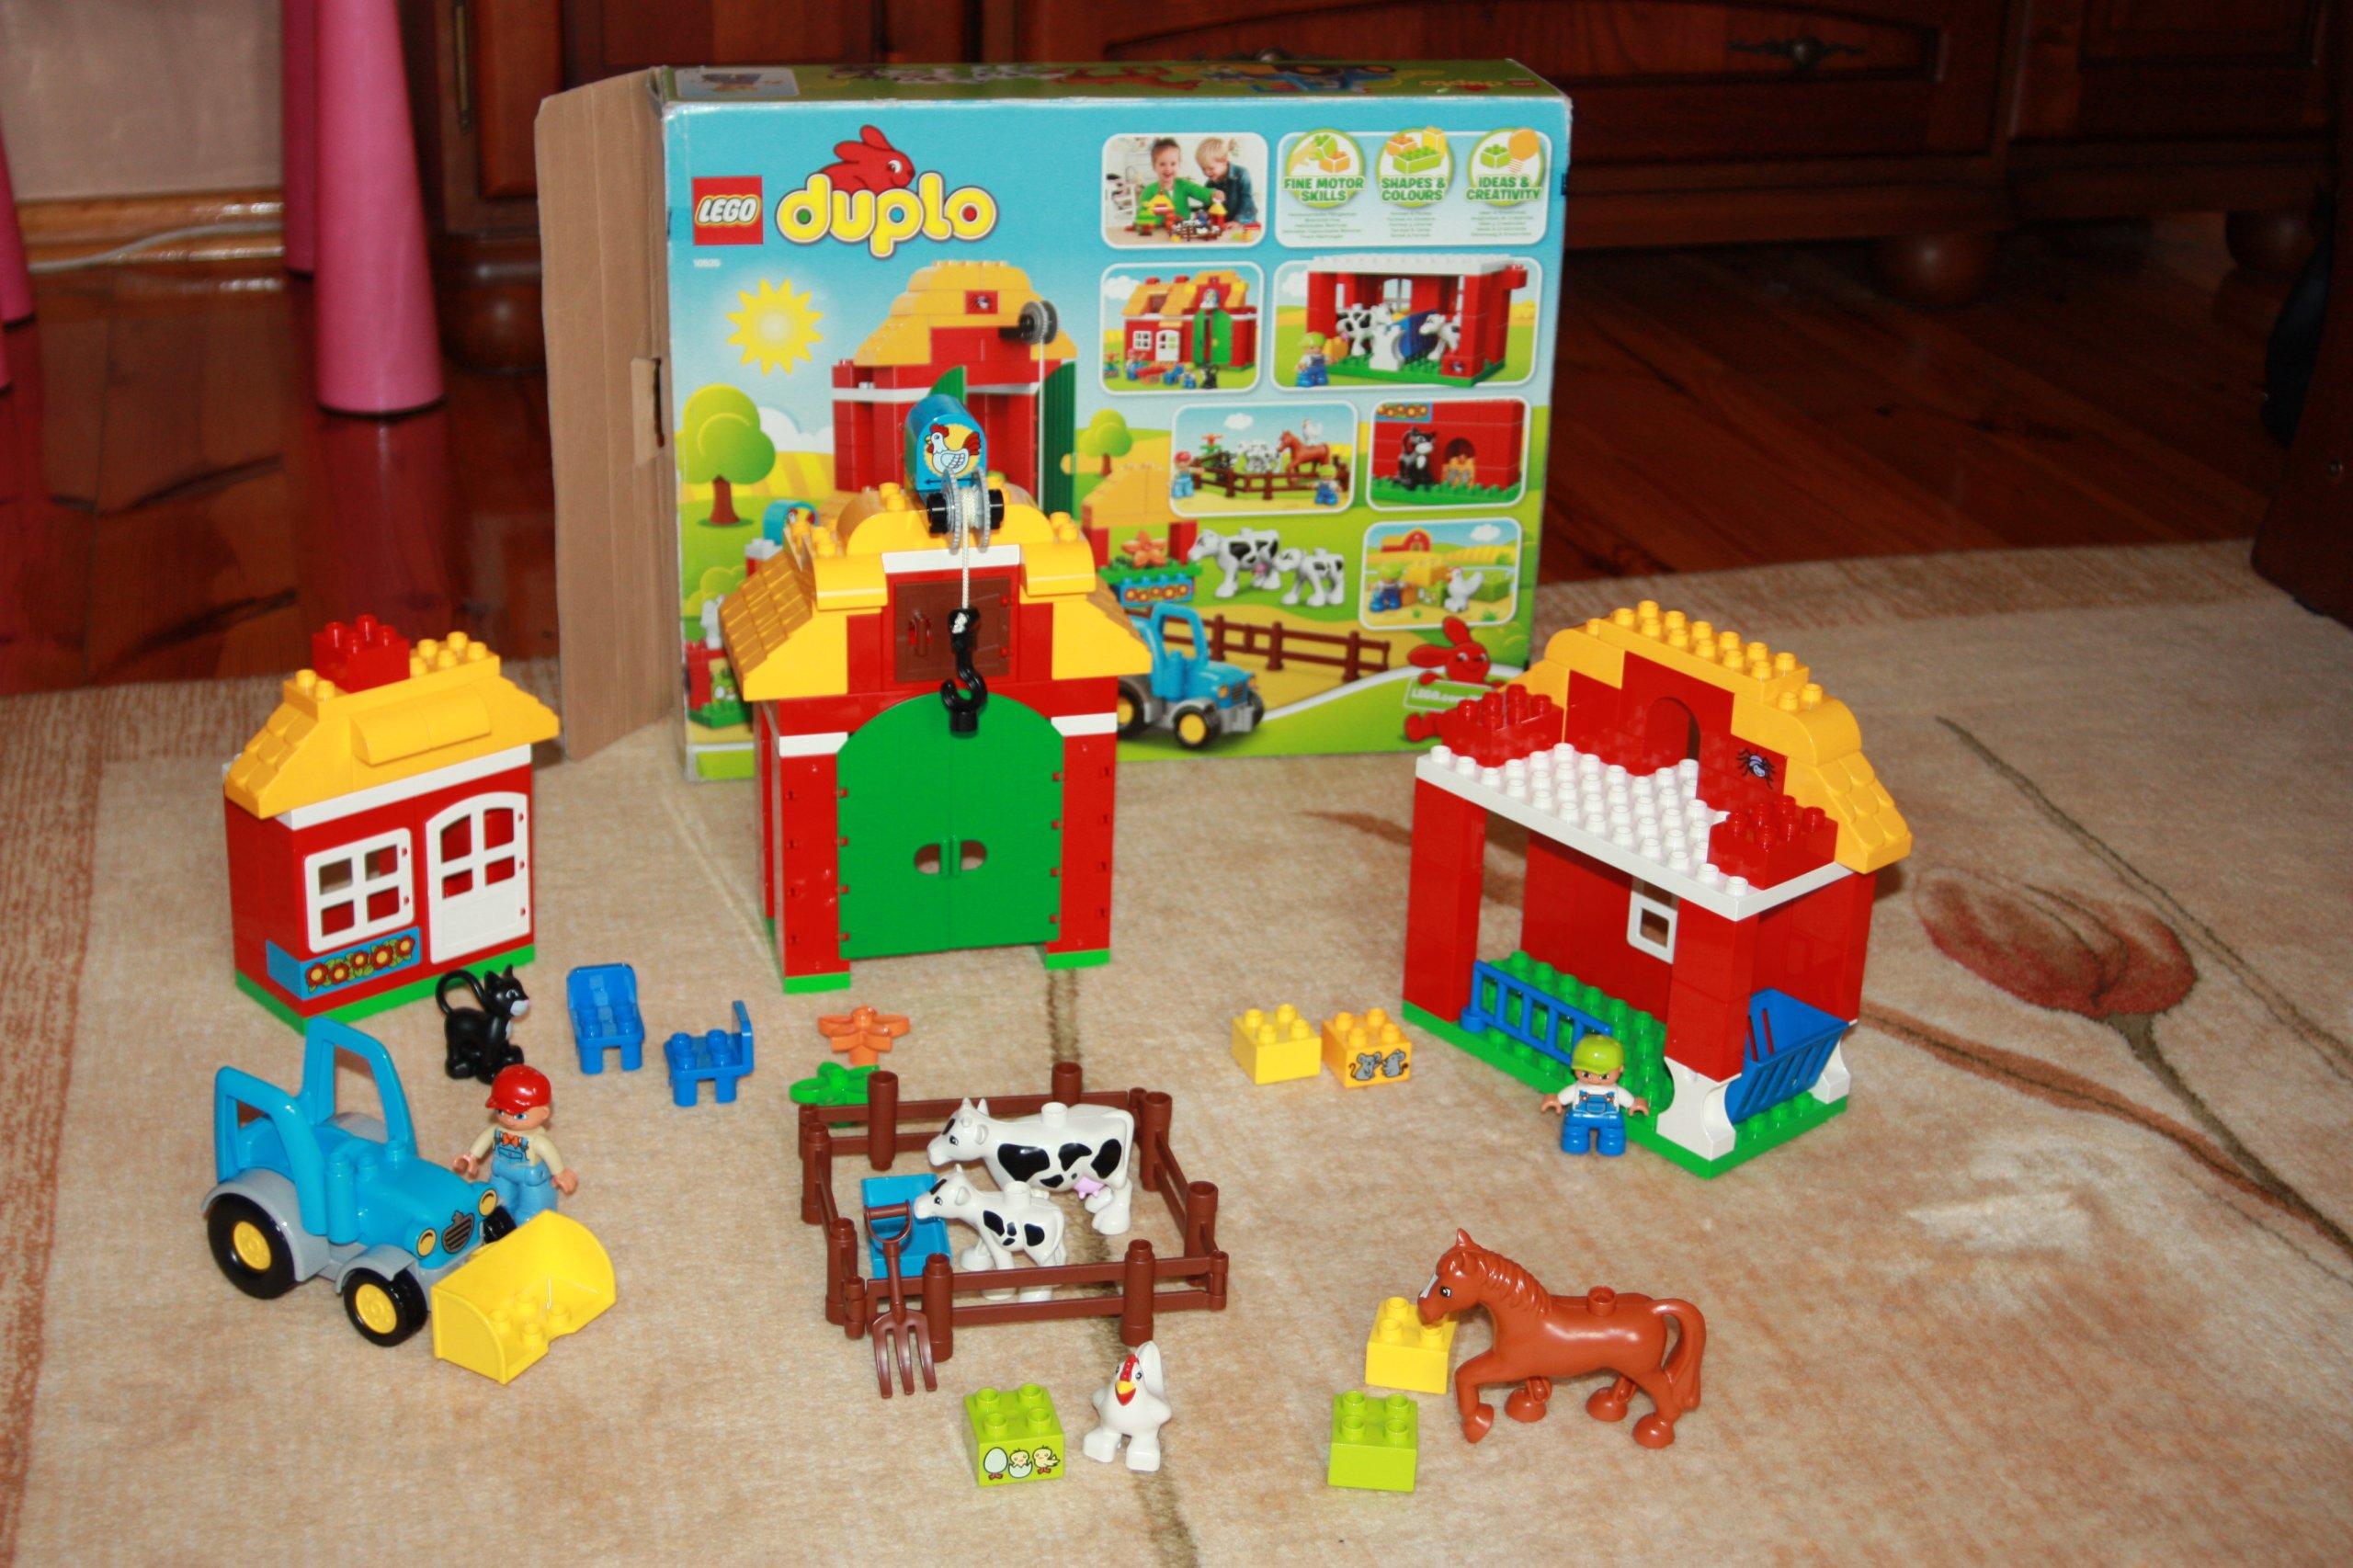 Klocki Lego Duplo Duża Farma Nr 10525 7219464169 Oficjalne